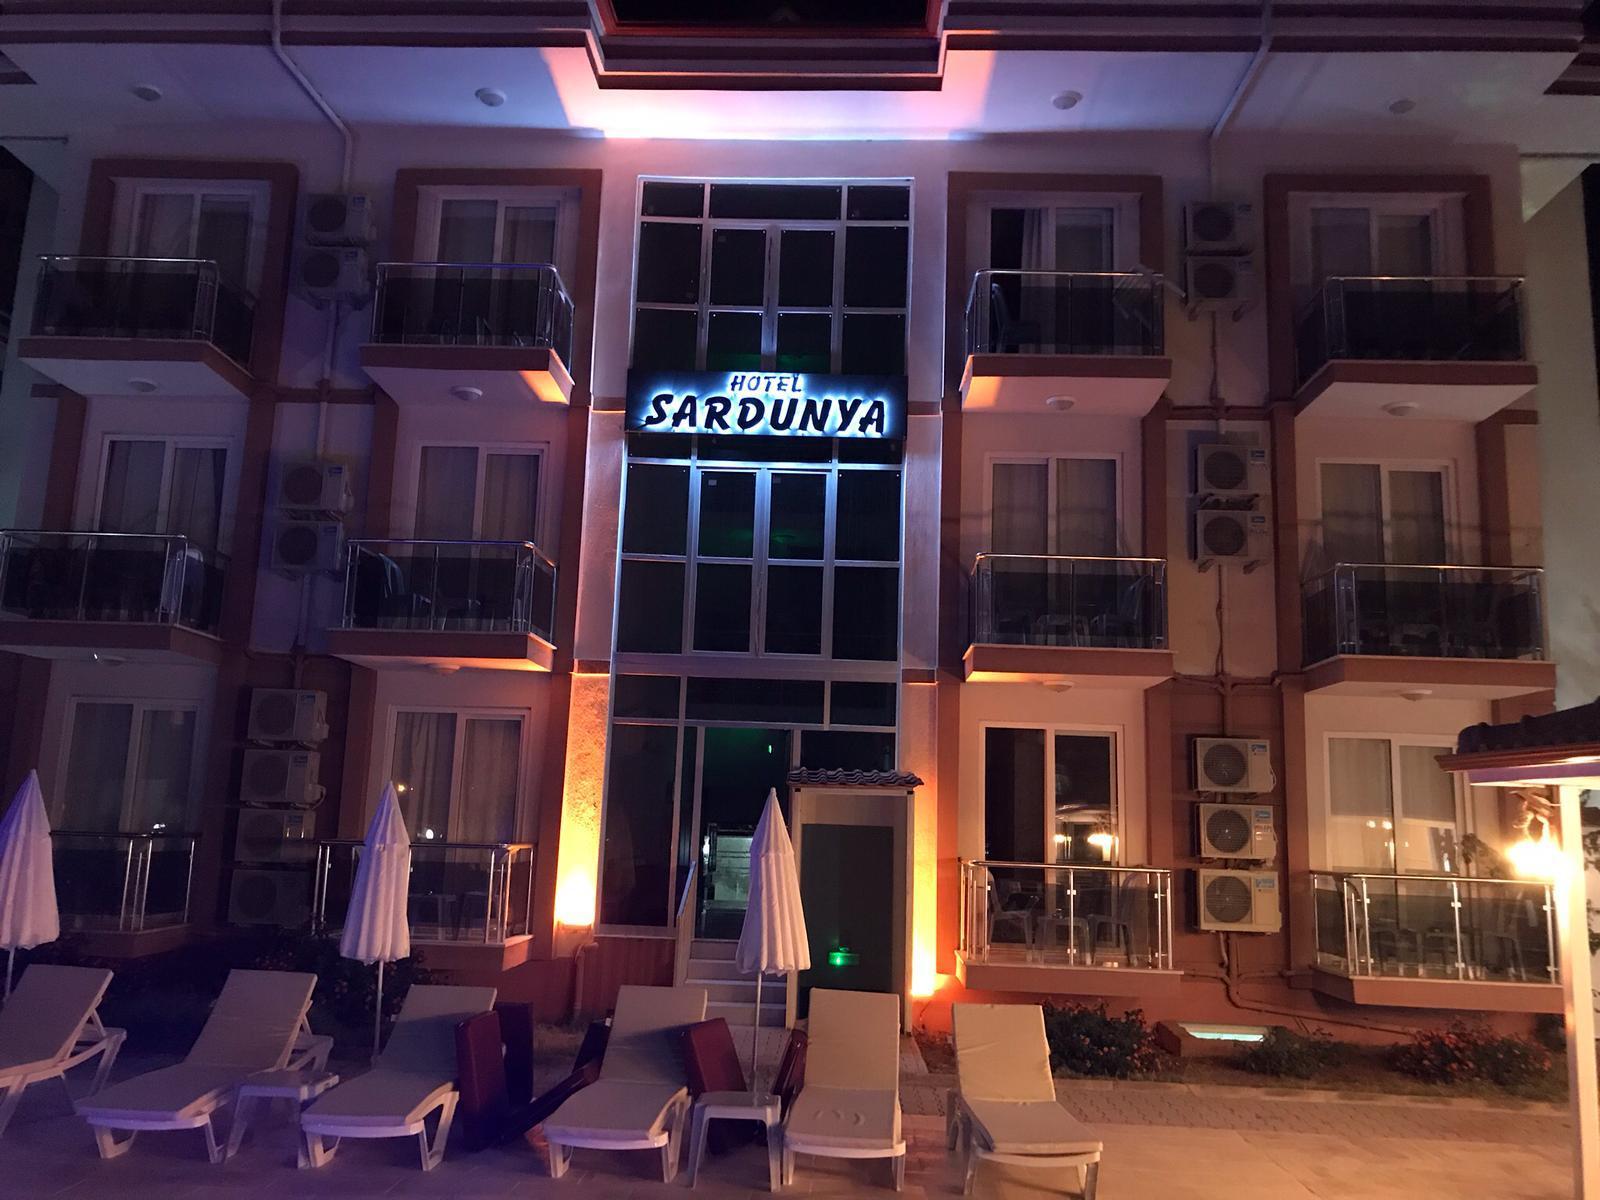 Sardunya Hotel Fethiye